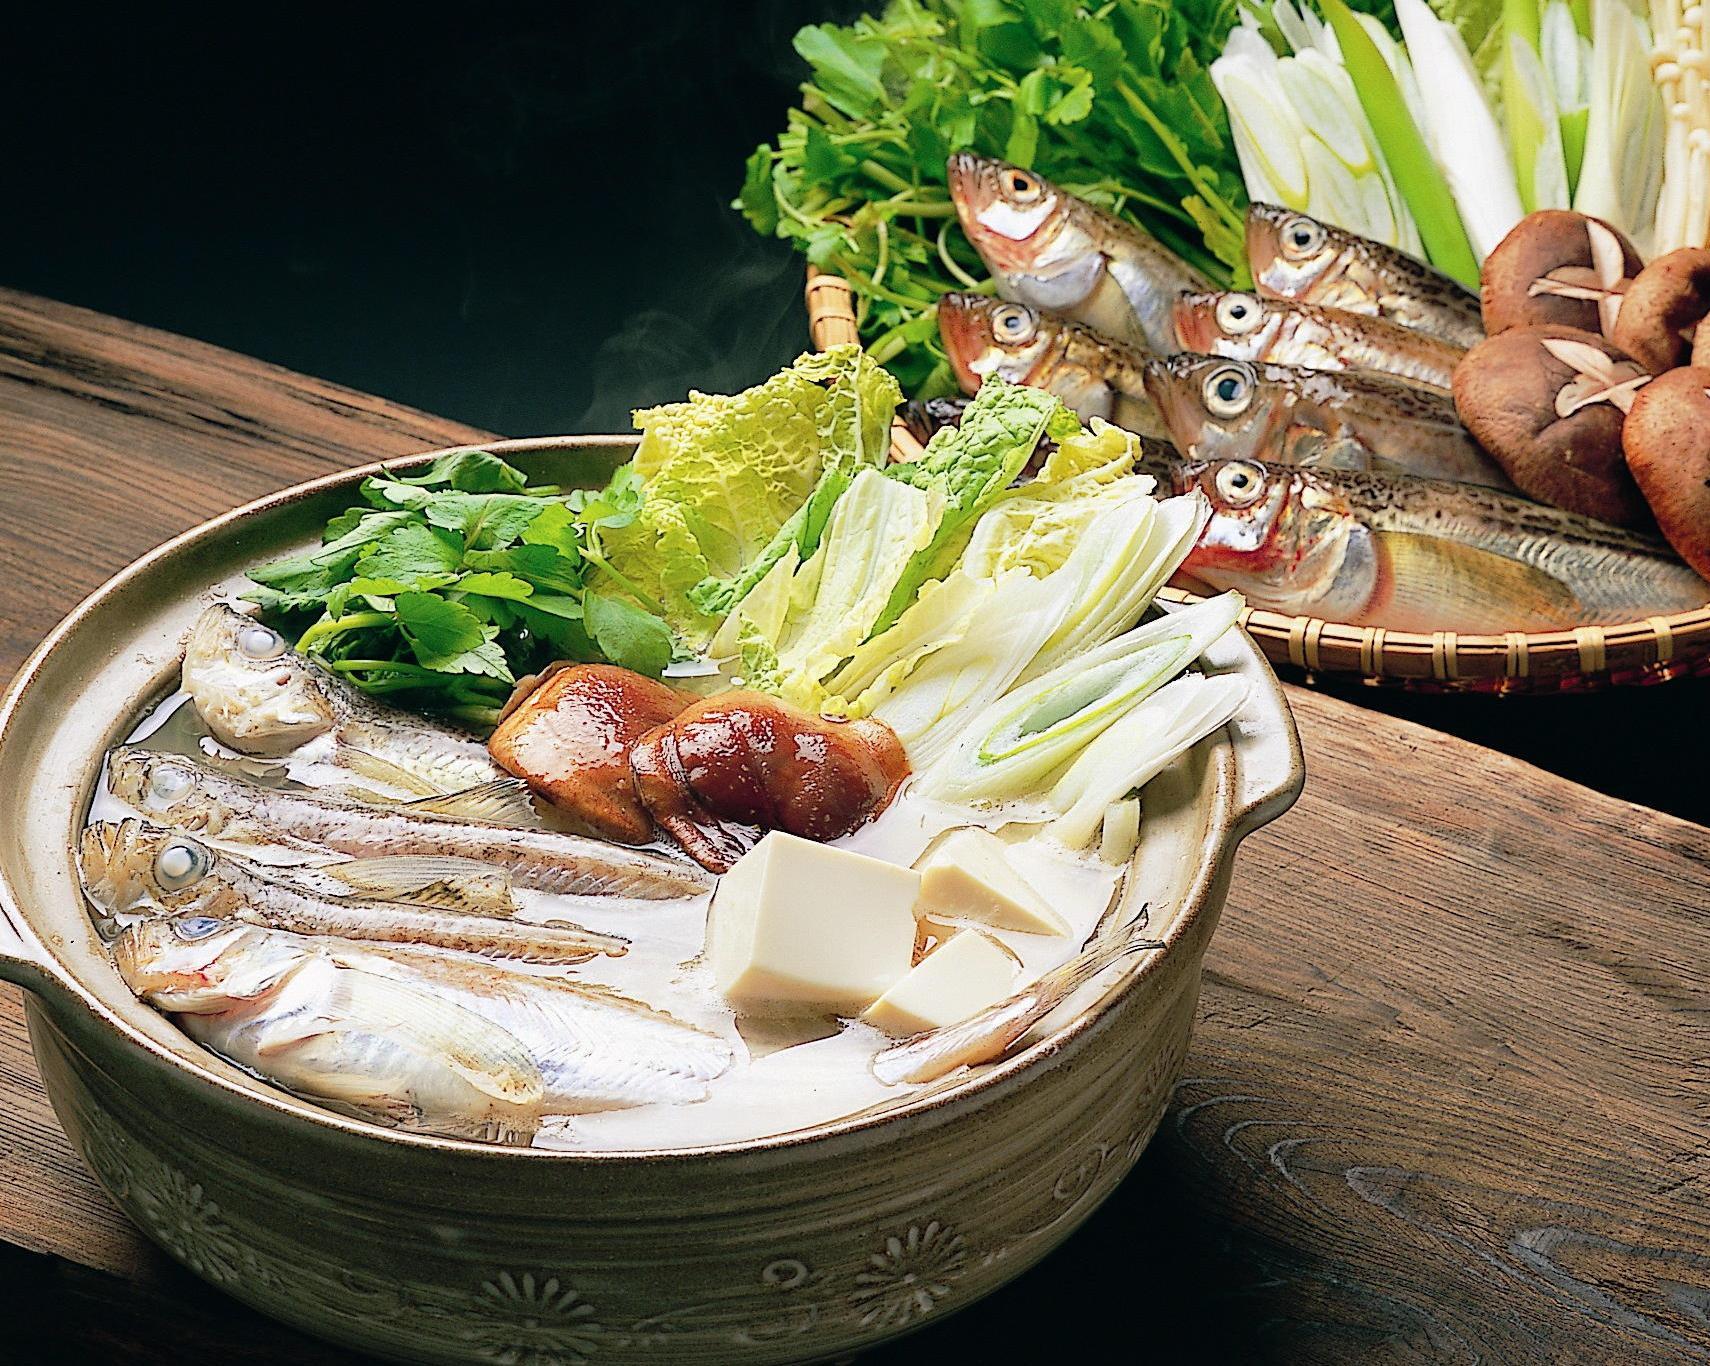 マルシェなレシピ本場のしょっつる鍋